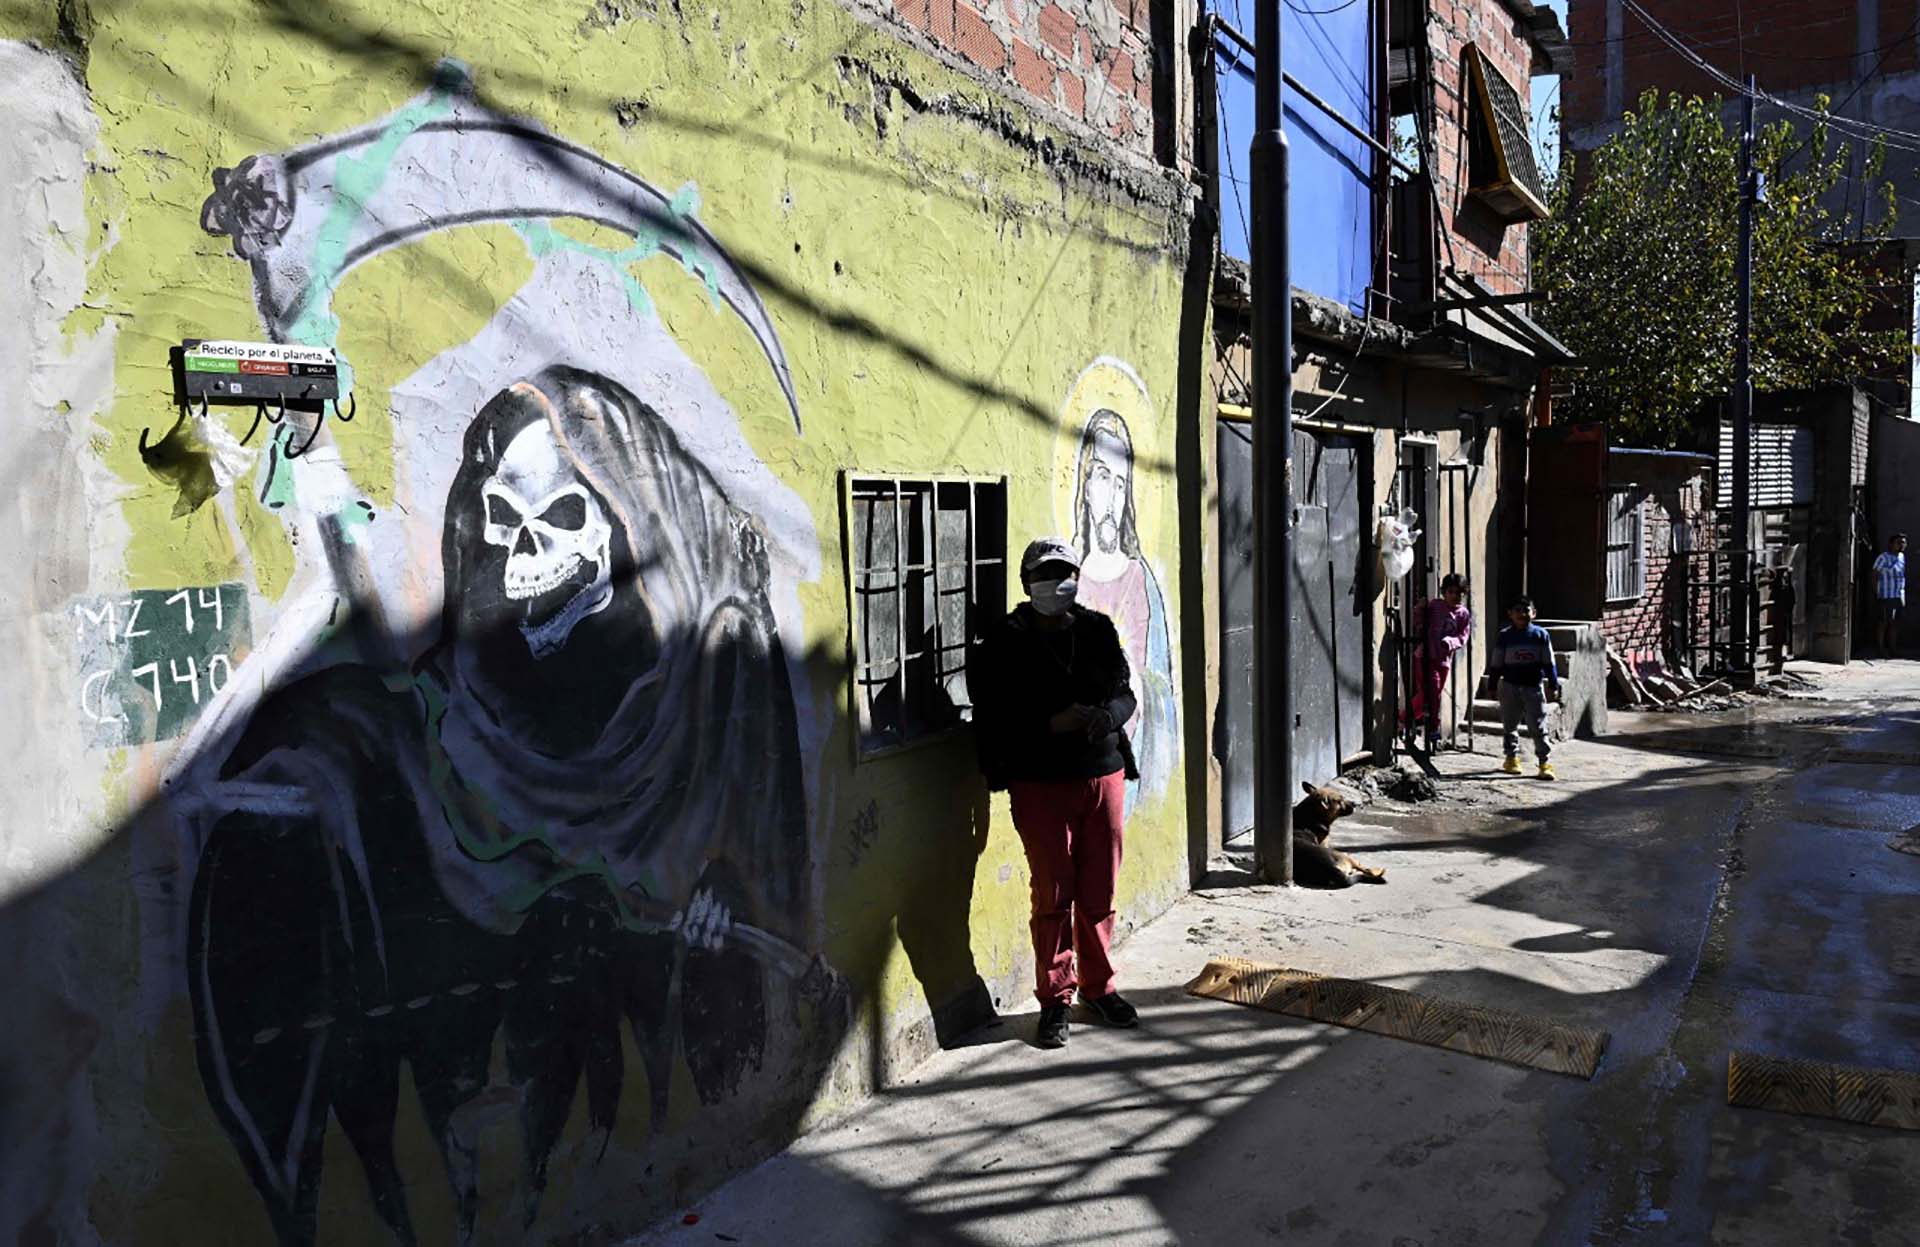 Un mural de San La Muerte se ve en una pared del barrio Padre Mugica, también conocido como Villa 31, durante el cierre impuesto por el Gobierno contra la propagación del coronavirus